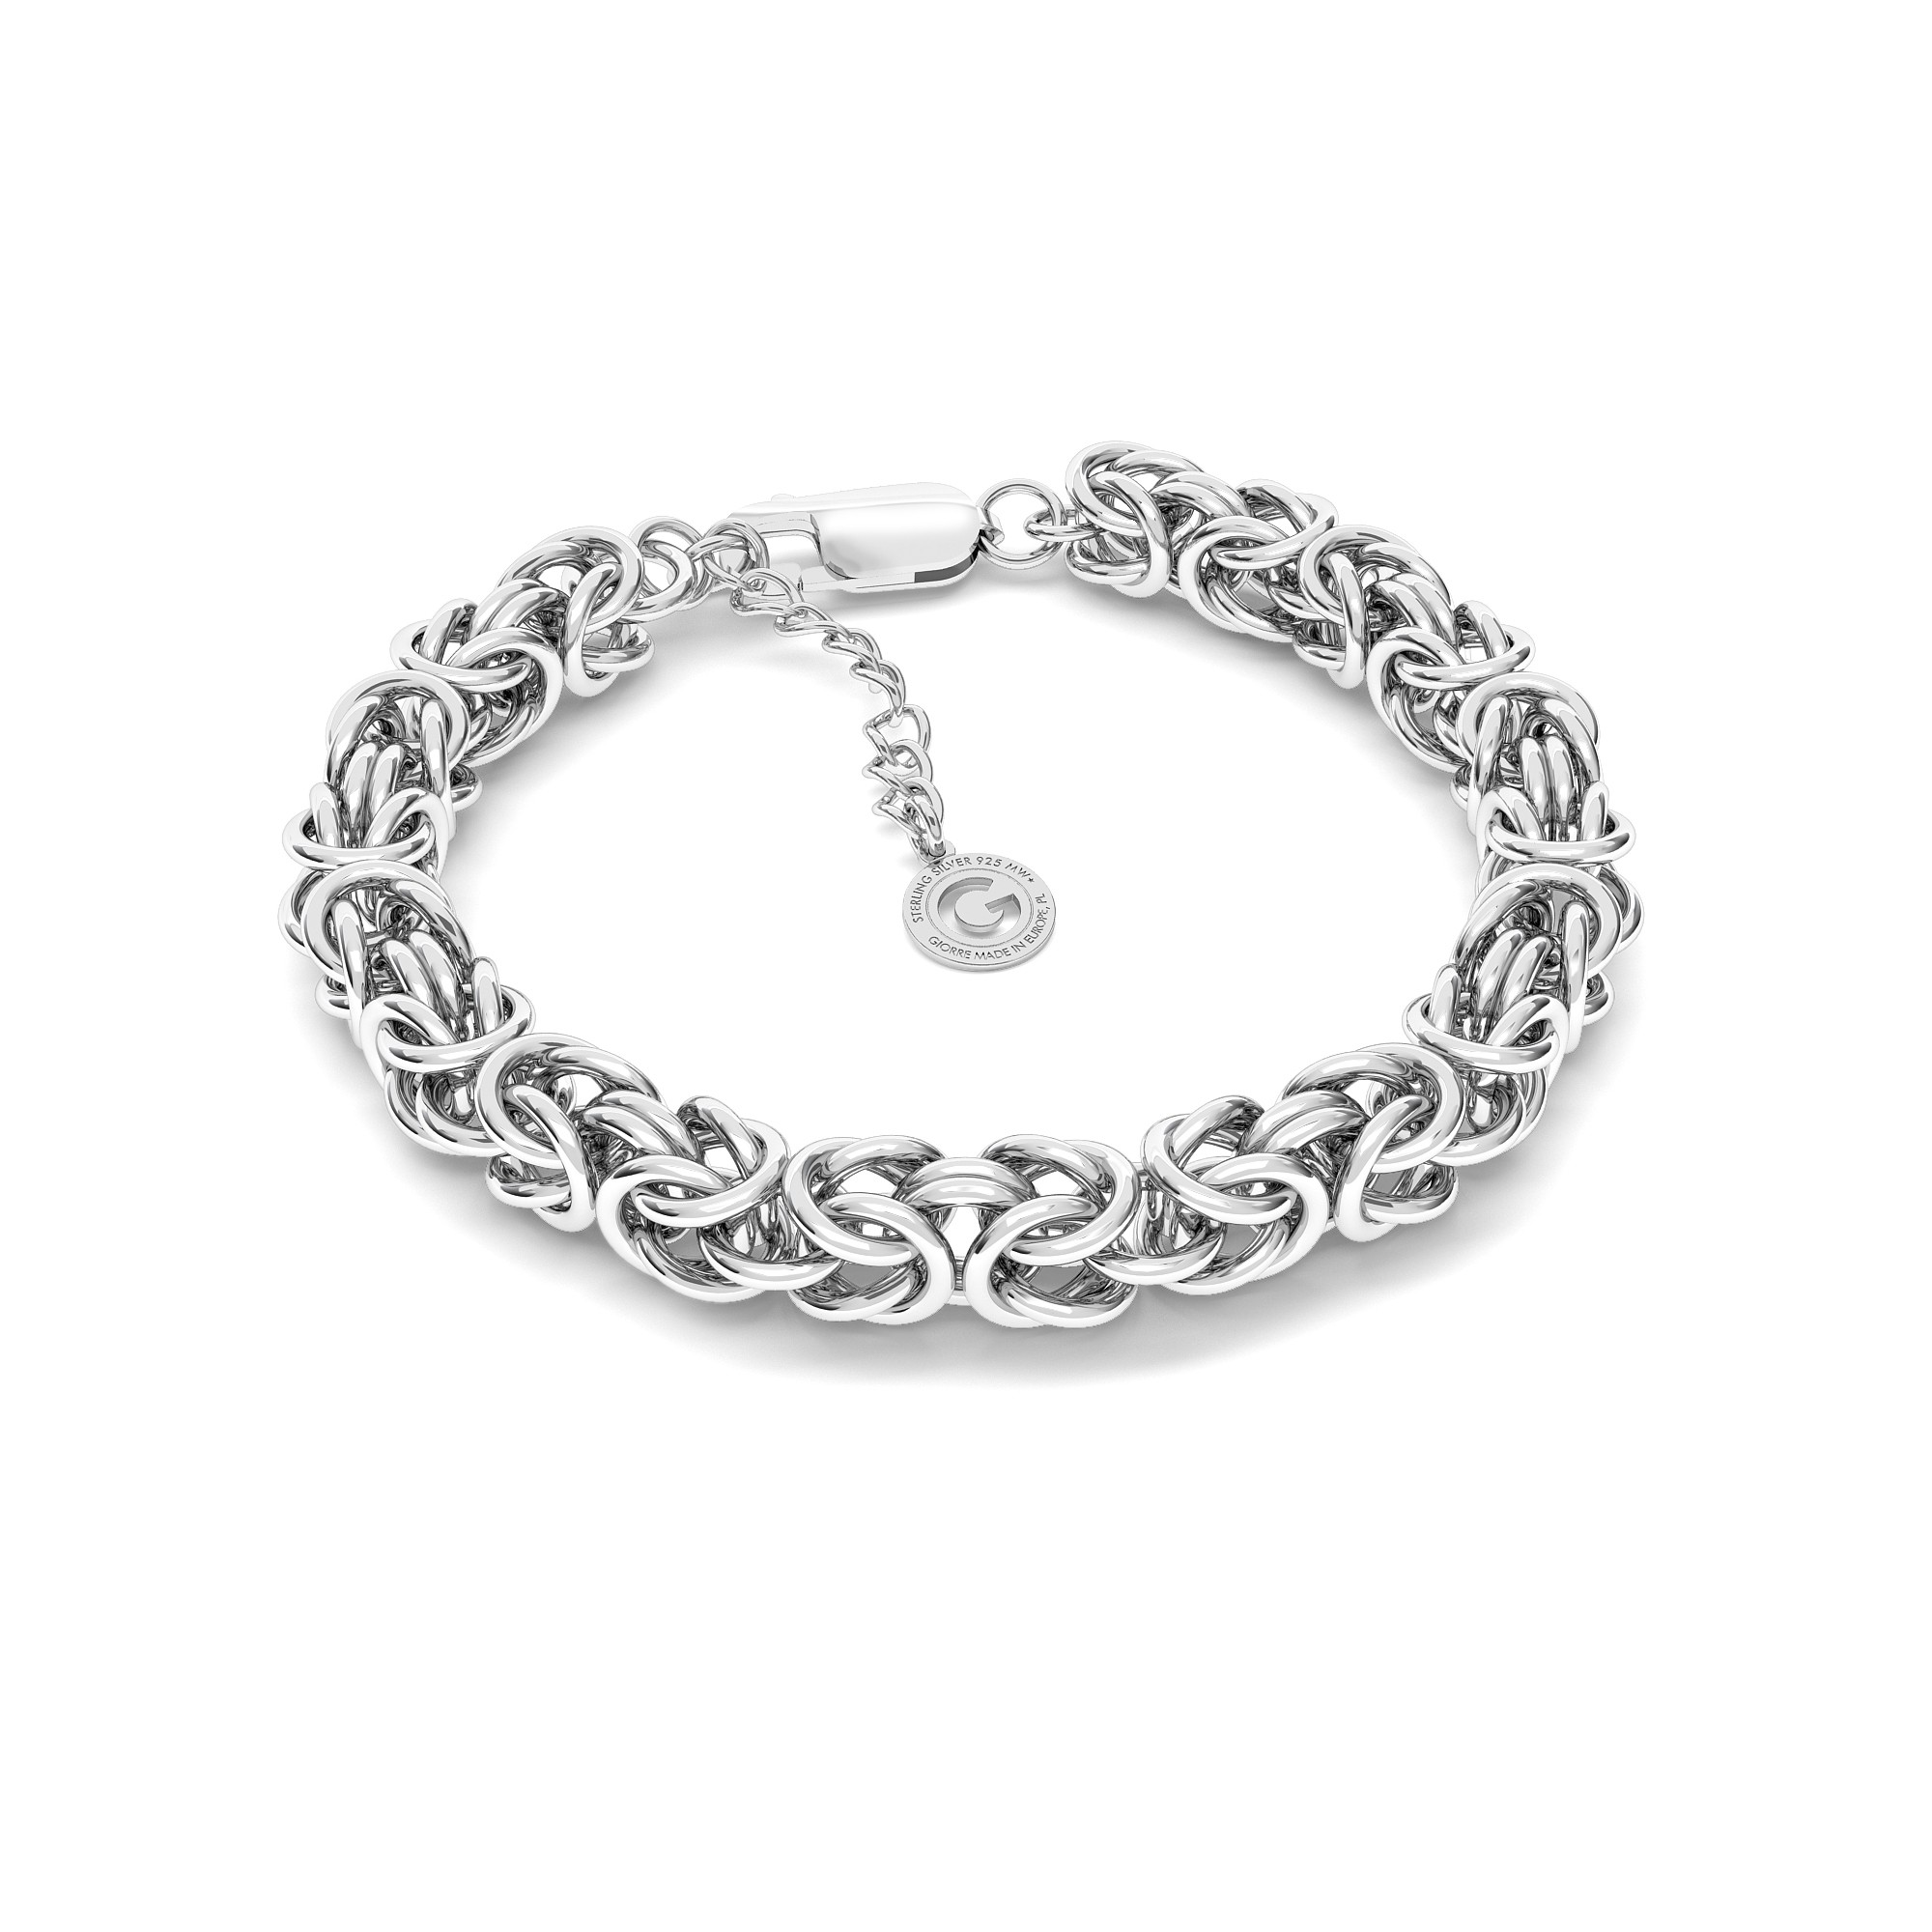 Armband Bordsteinkette sterling silber 925